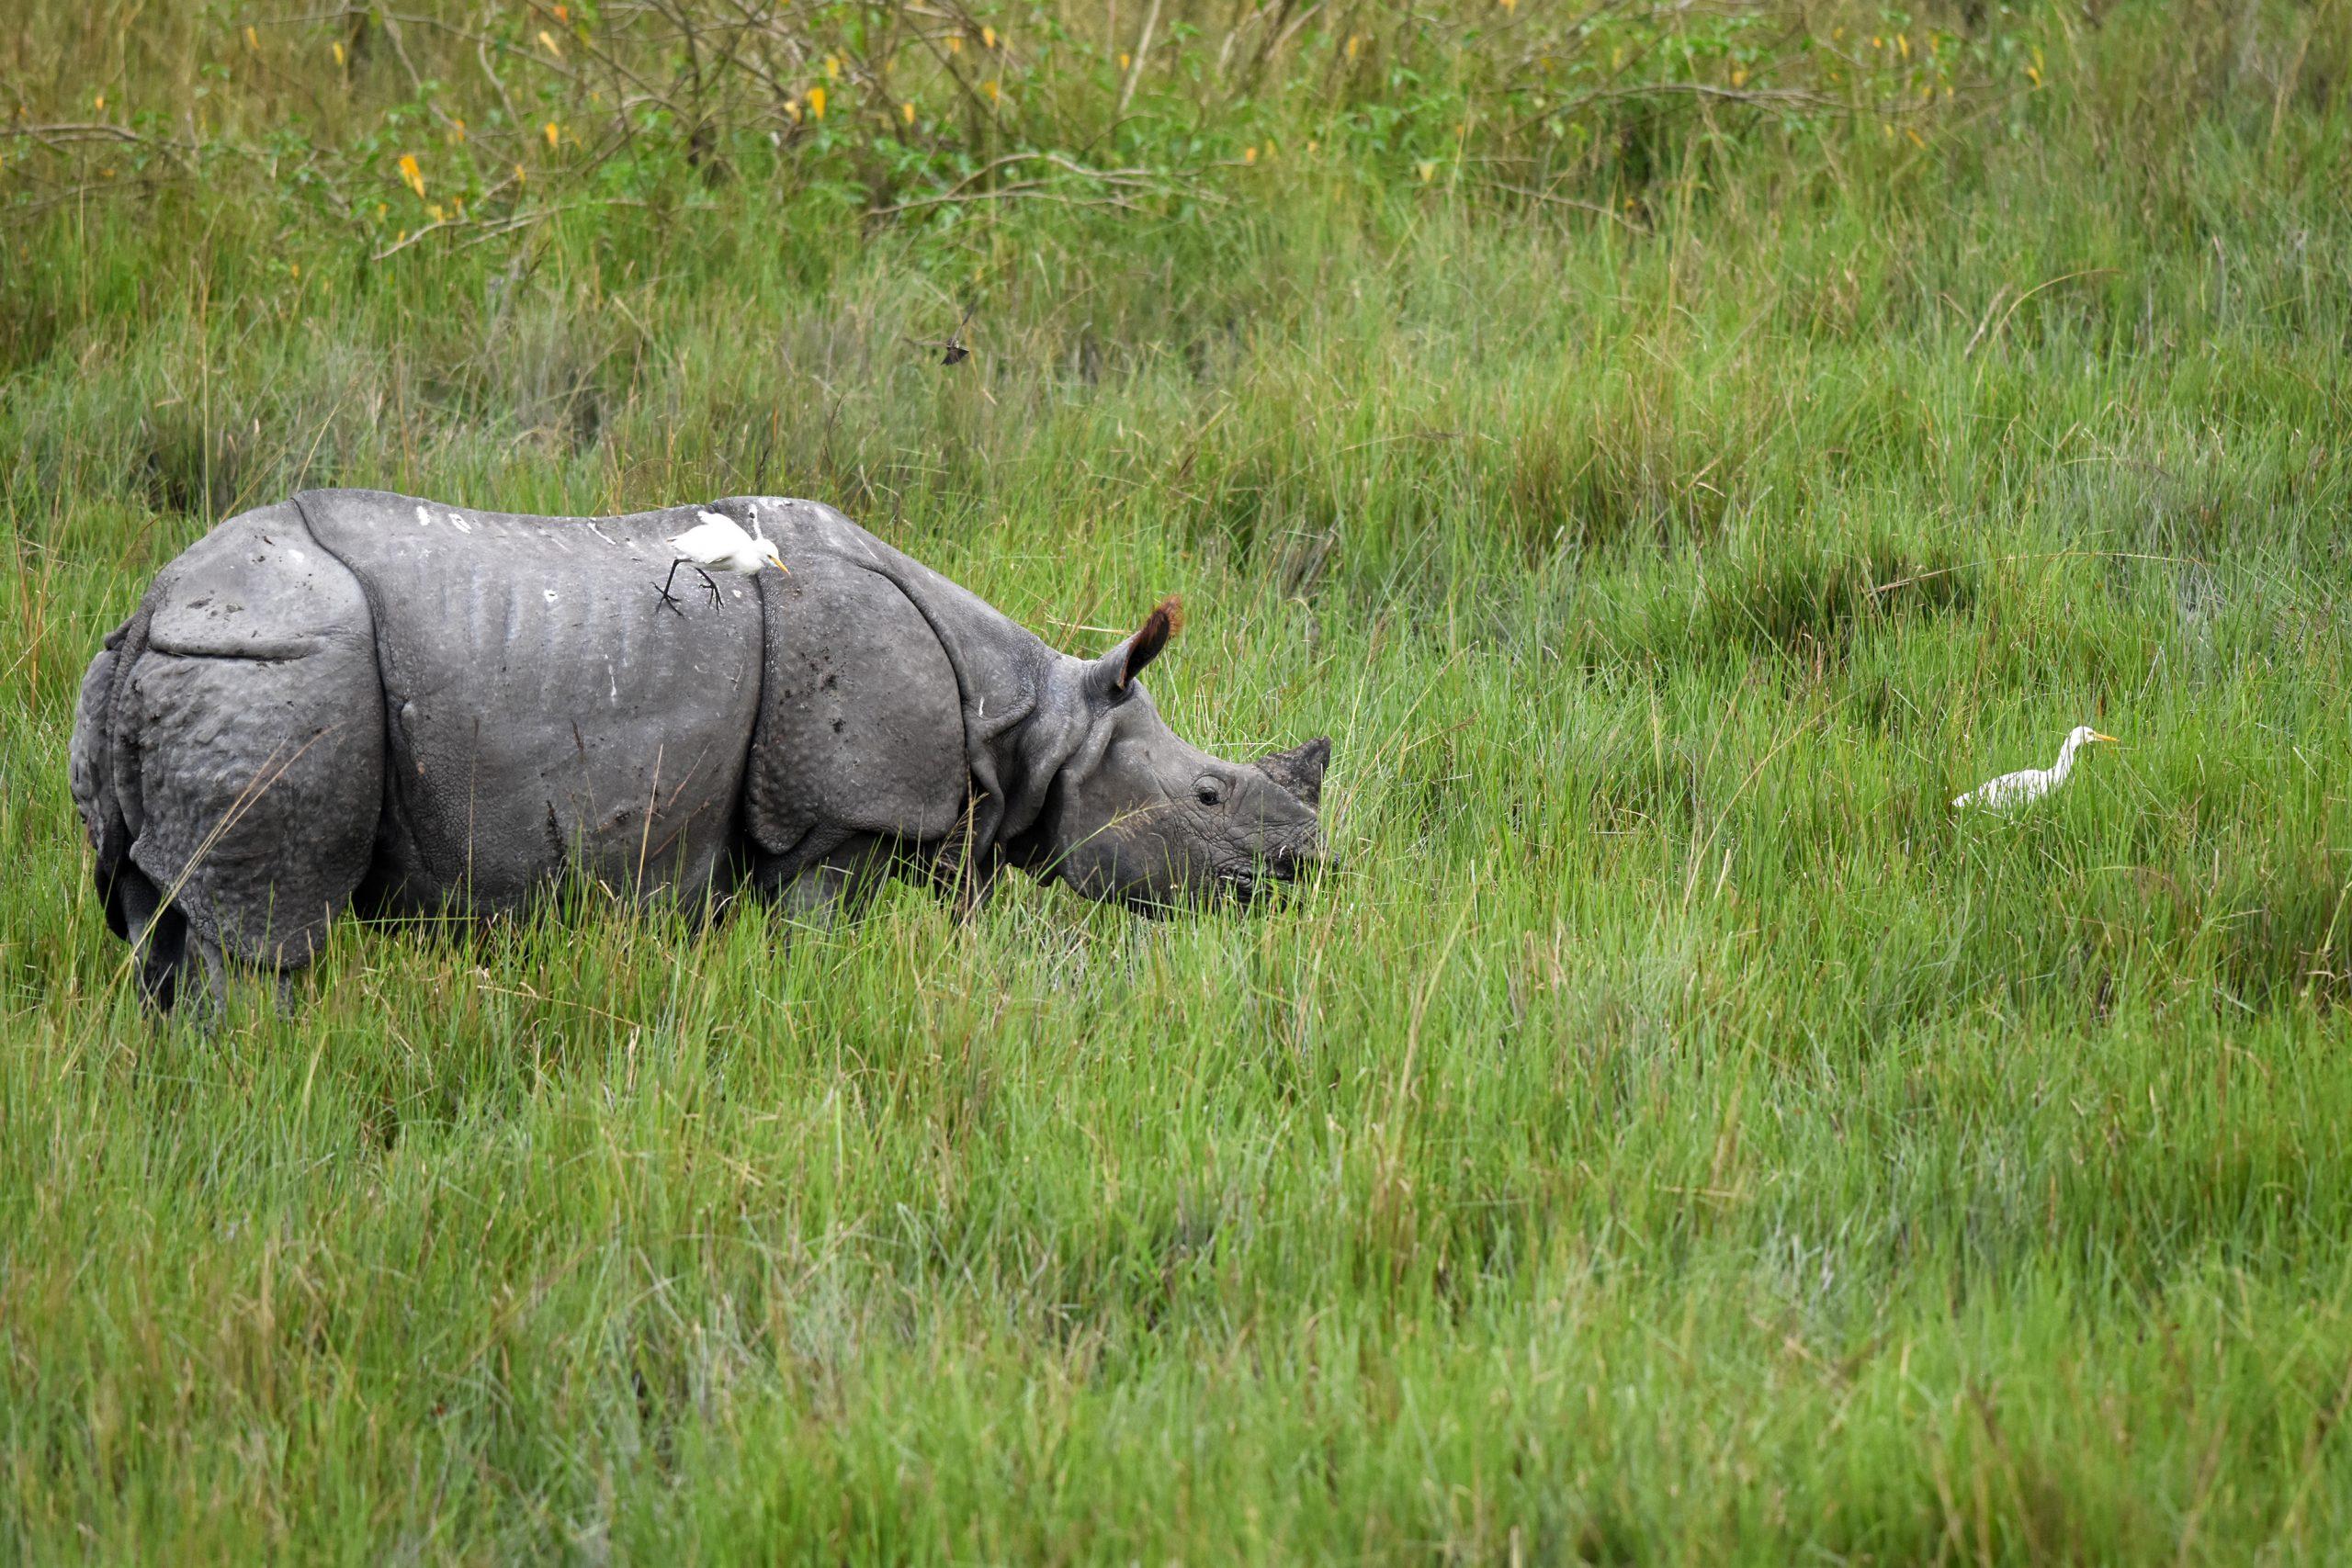 A rhino in a pasture